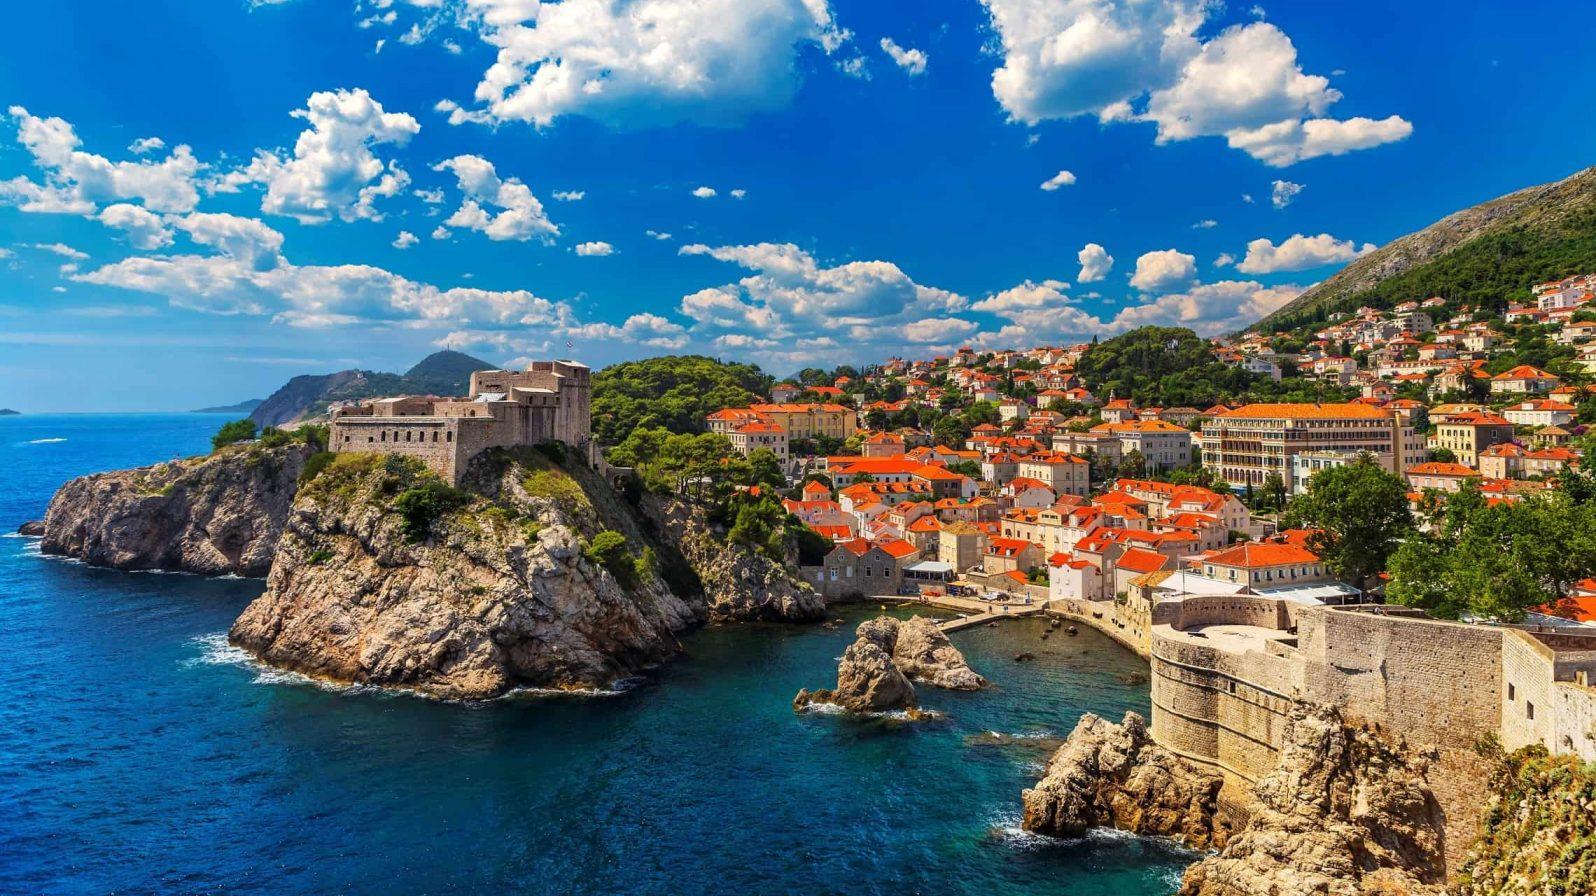 Dubrovnikin-vanhakaupunki-Kroatia-1596x896.jpeg